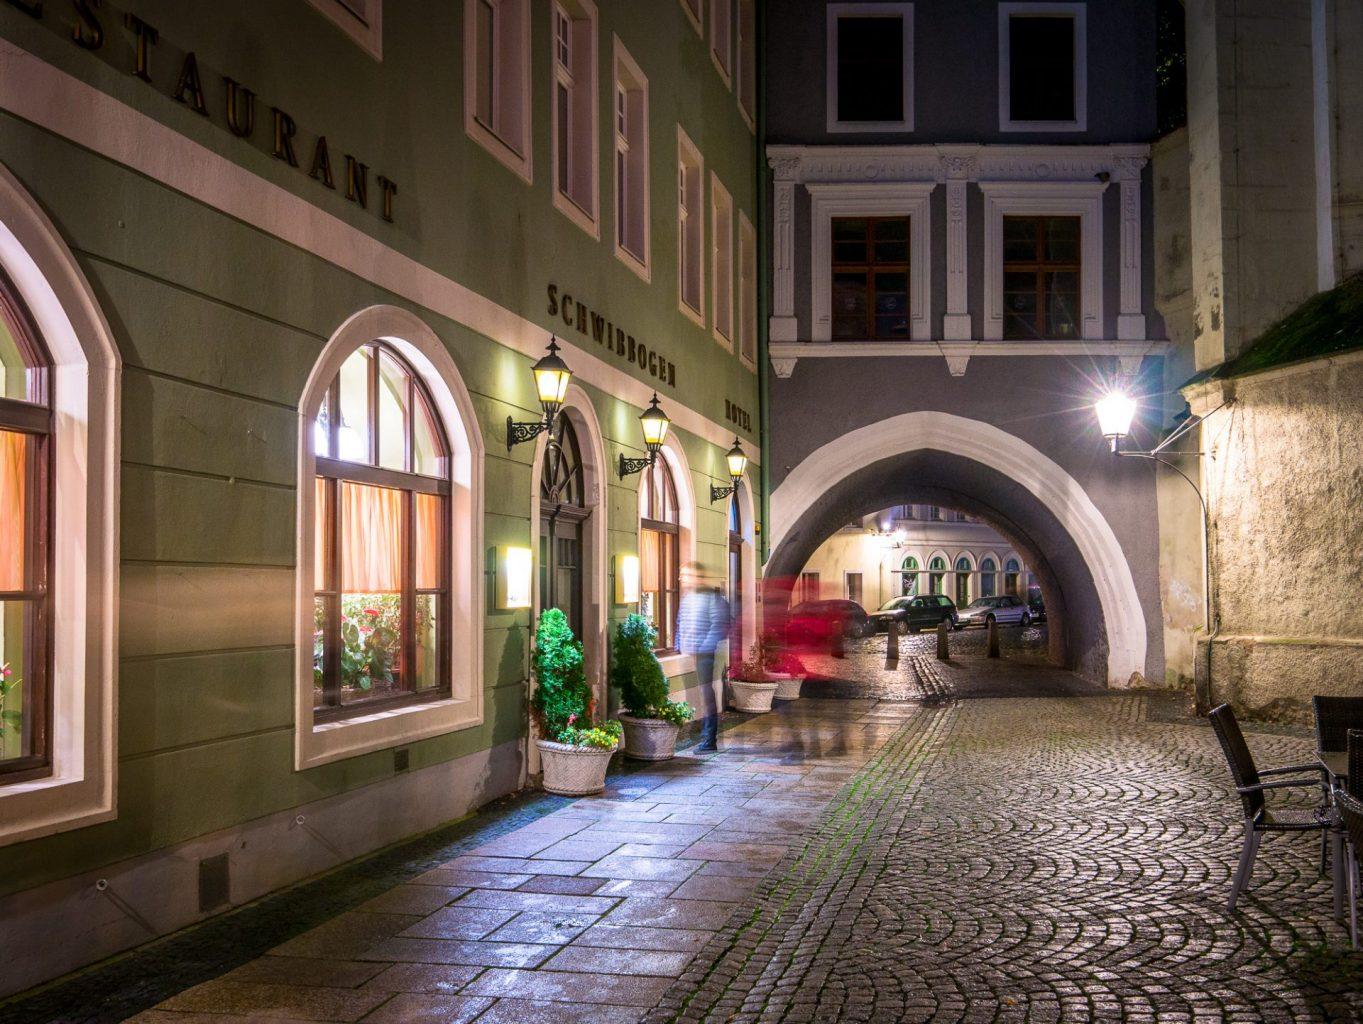 Hotel Schwiboggen at night